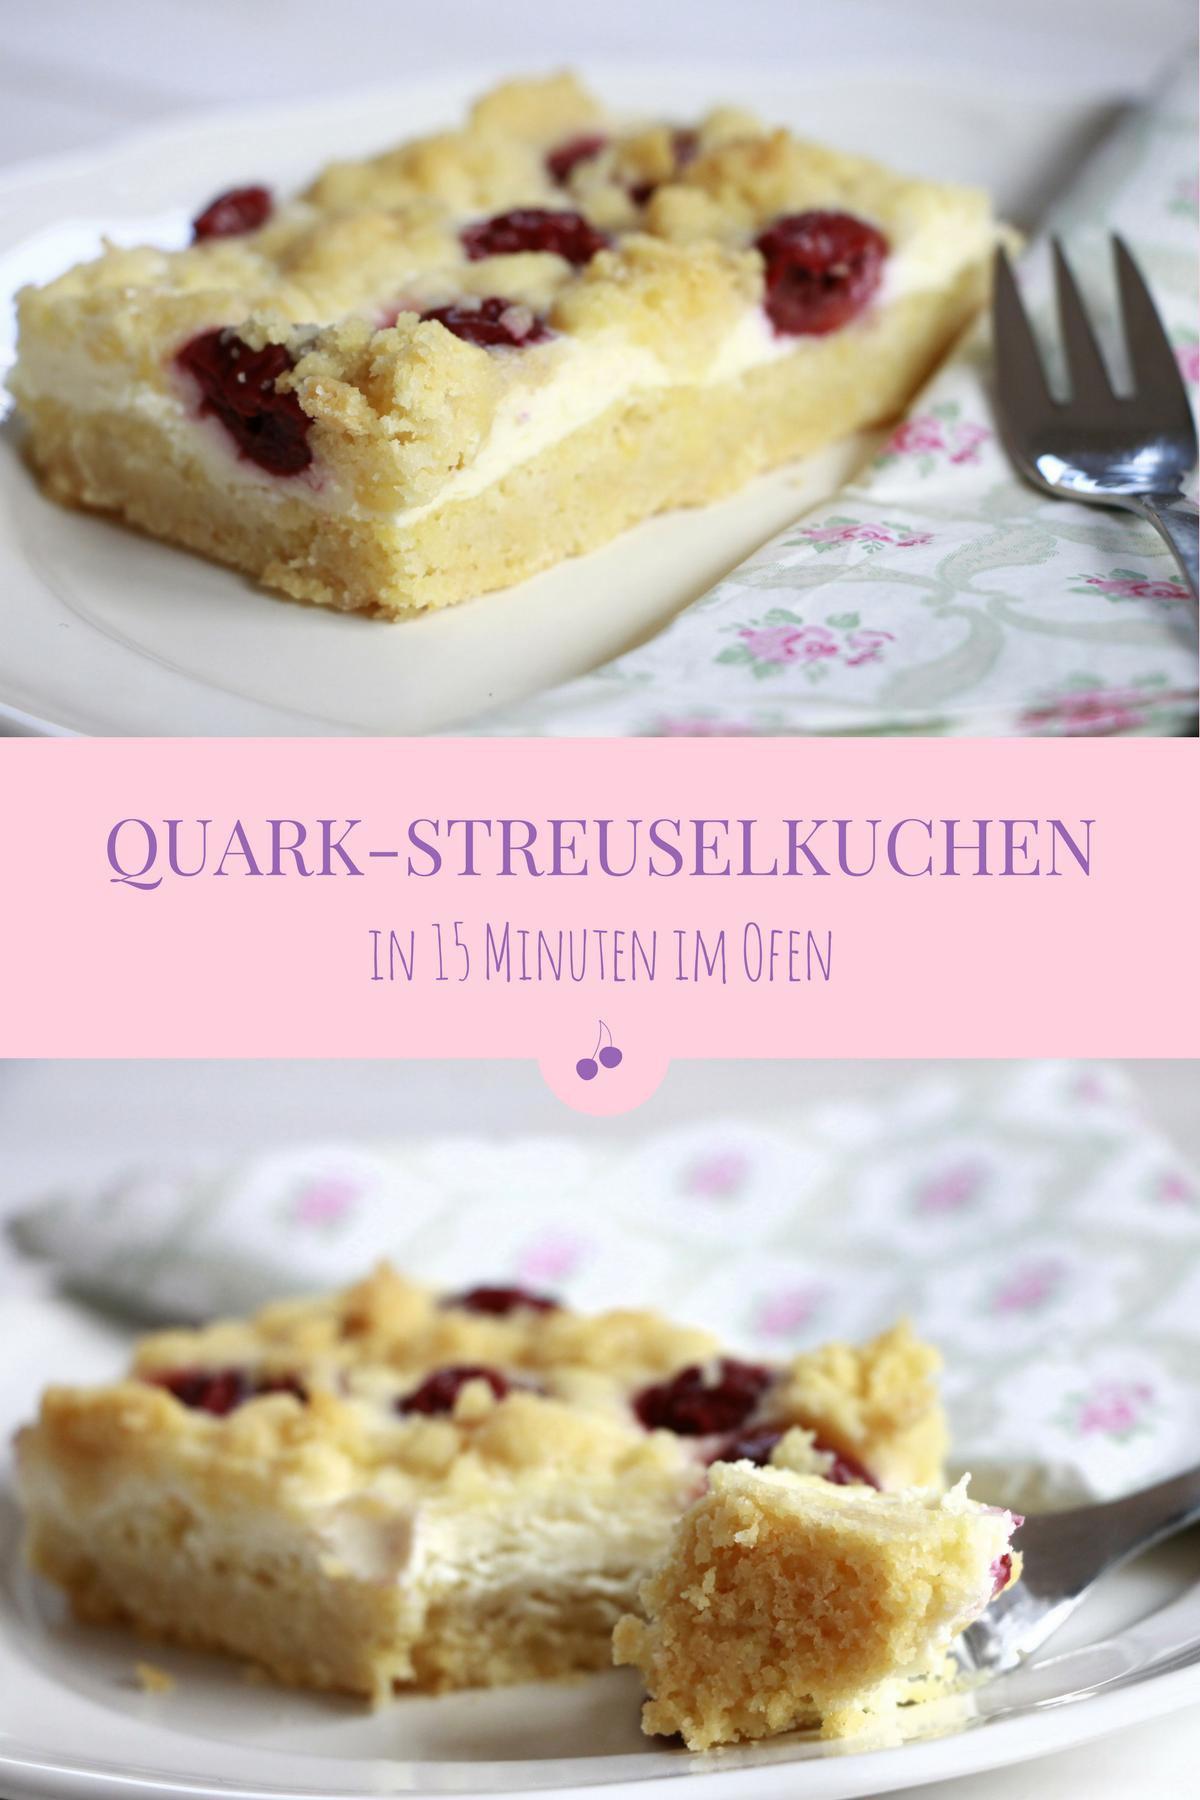 Schnelles Rezept Kirsch Streuselkuchen Mit Quark Lavendelblog Streuselkuchen Mit Kirschen Quark Streuselkuchen Streusel Kuchen